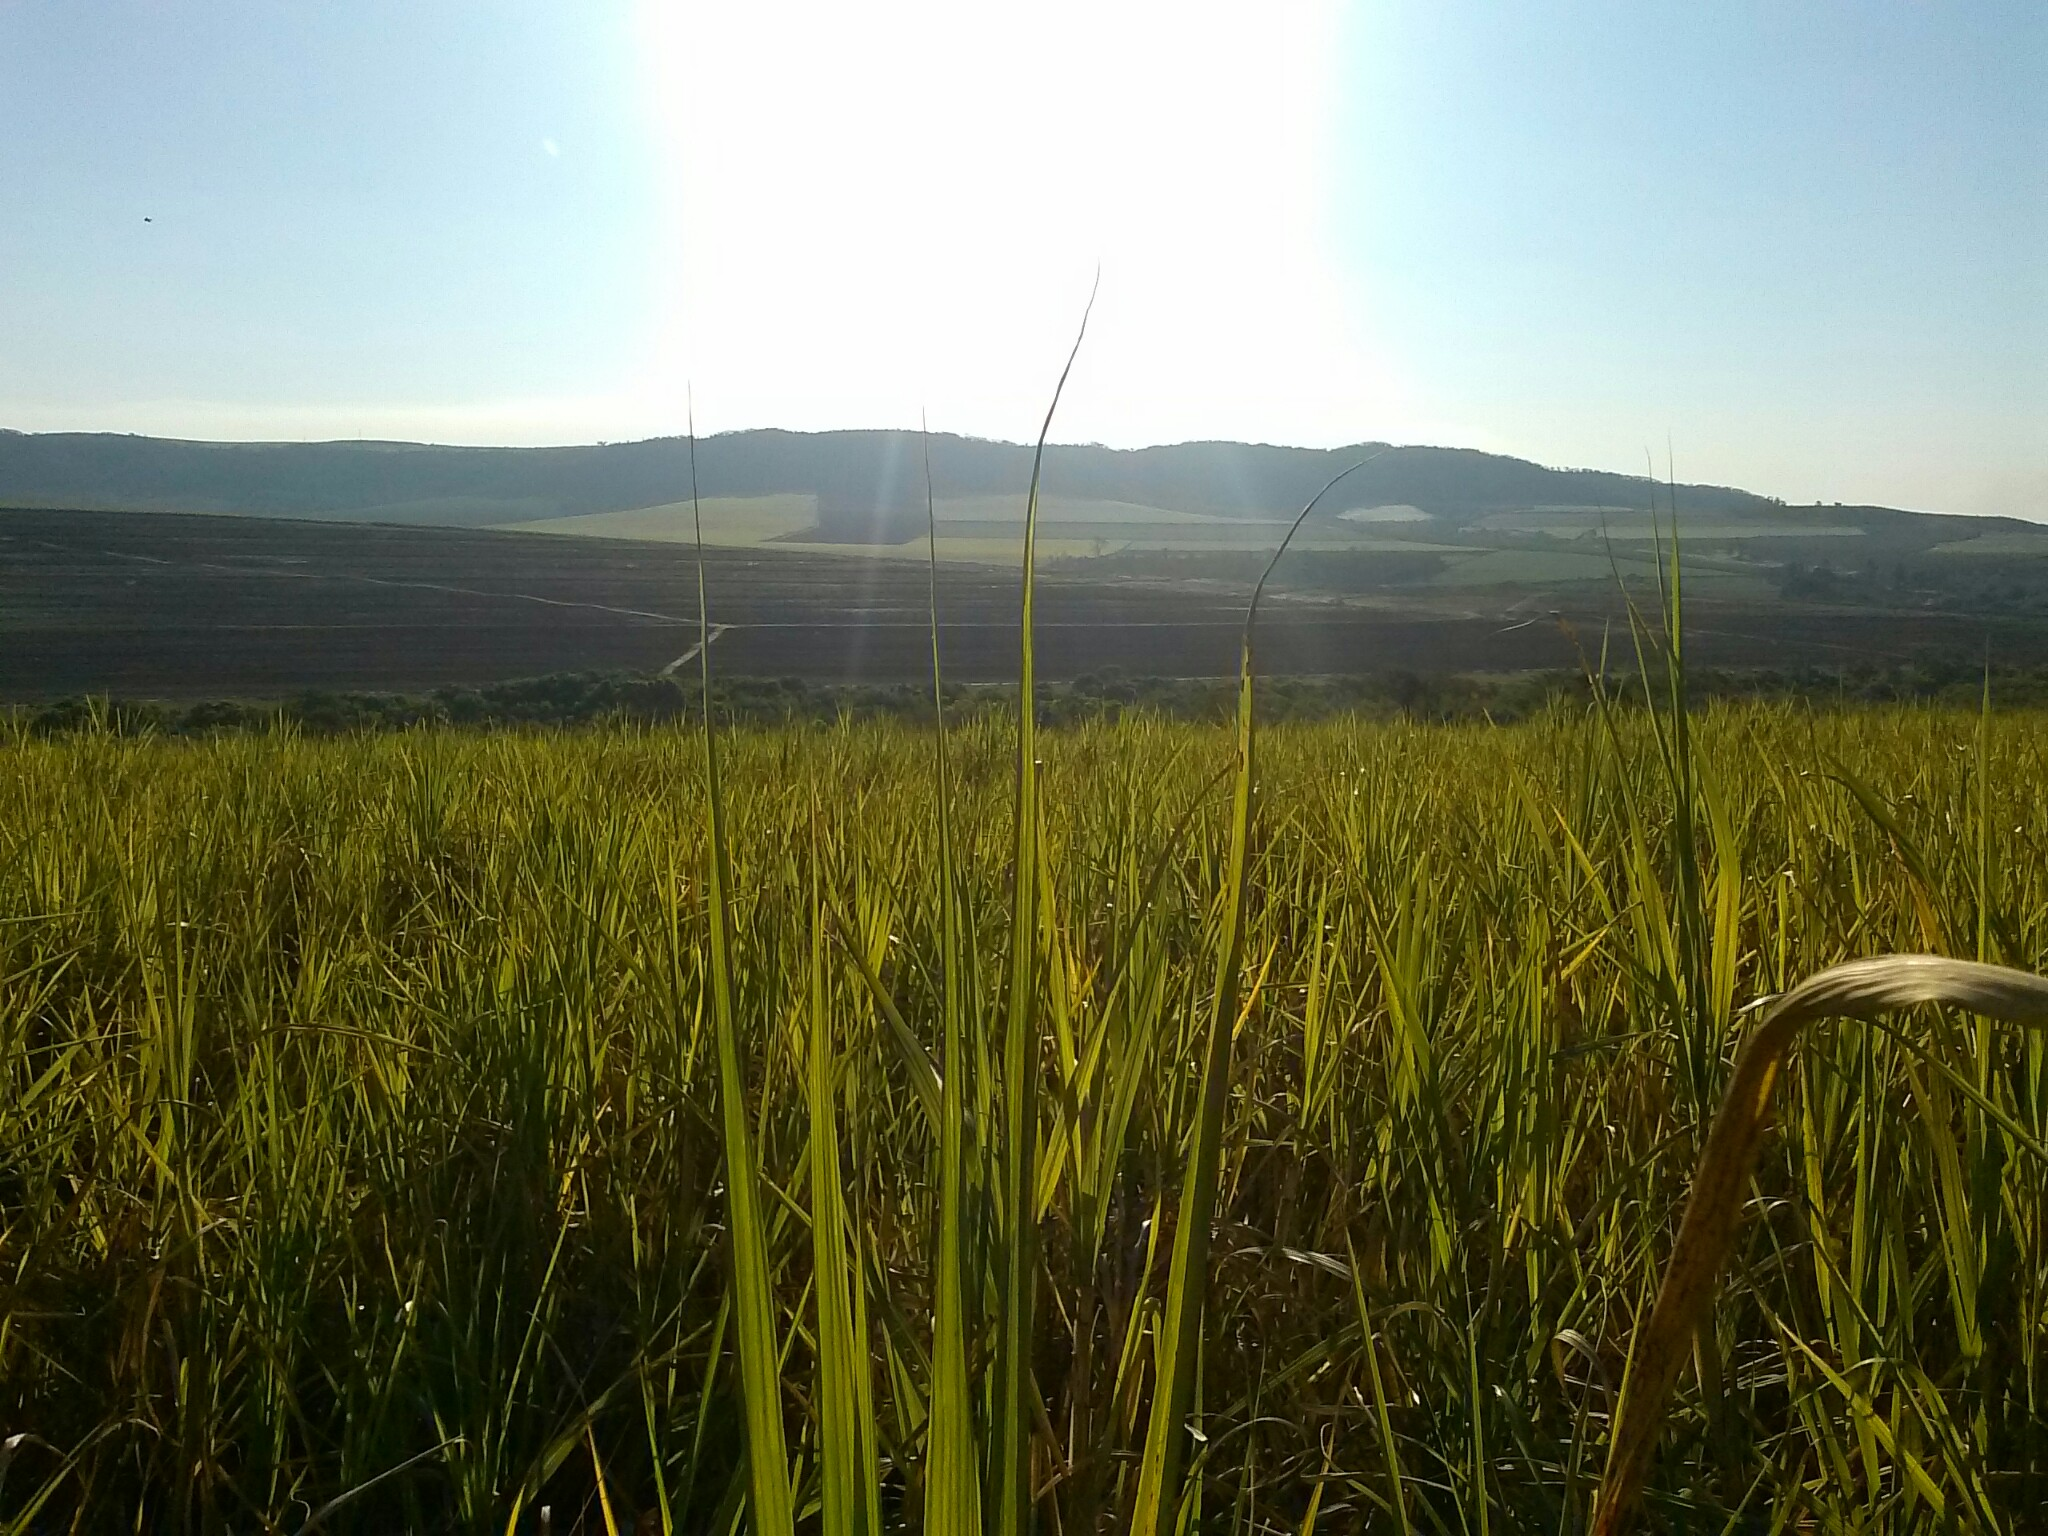 Quanto de cana produz açúcar e quanto produz etanol no Brasil